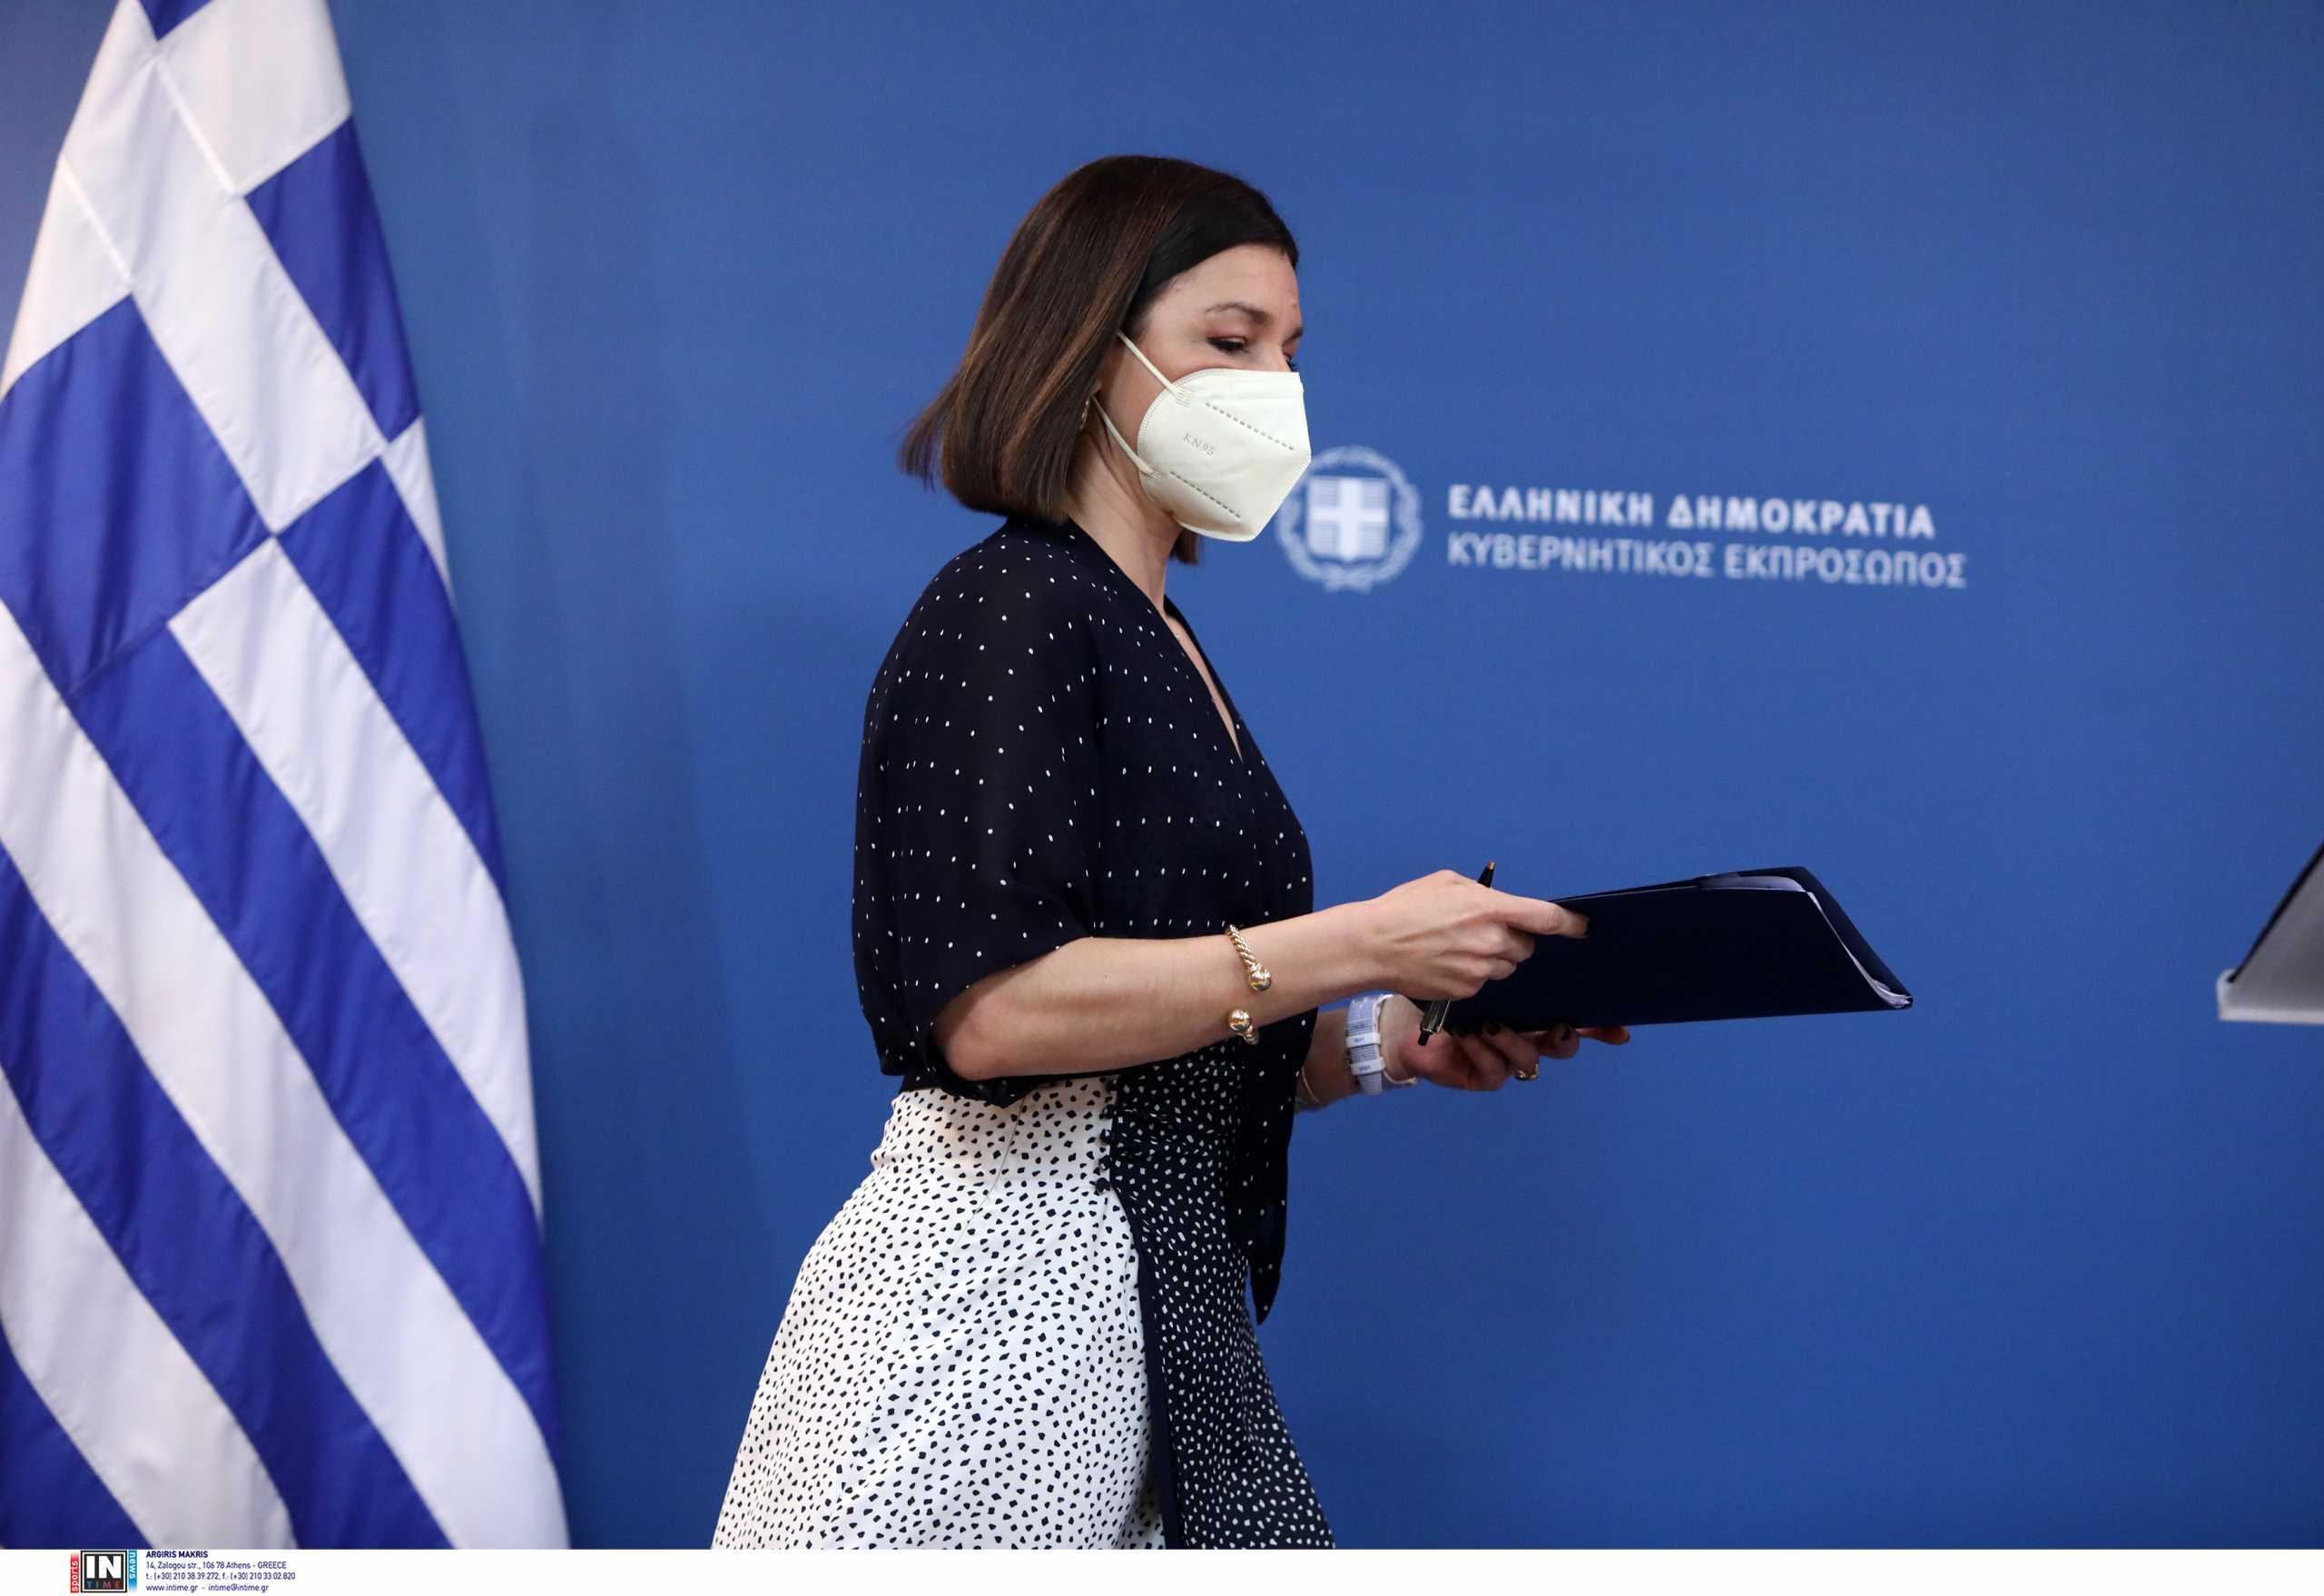 Η ενημέρωση από την κυβερνητική εκπρόσωπο, Αριστοτελία Πελώνη σήμερα 01/07